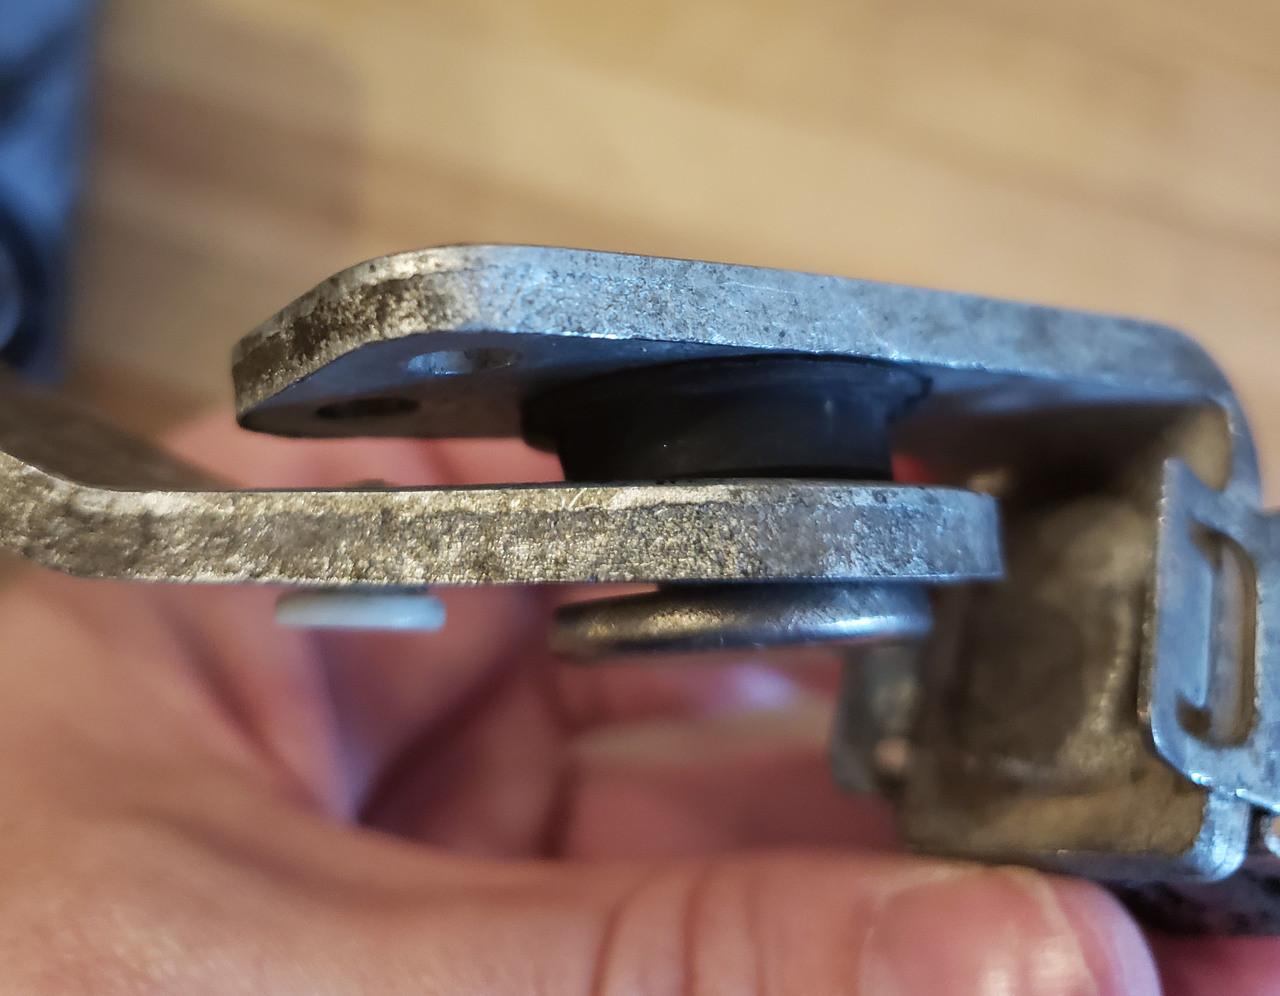 Cadillac CTS-V shifter rod replacement bushing repair kit